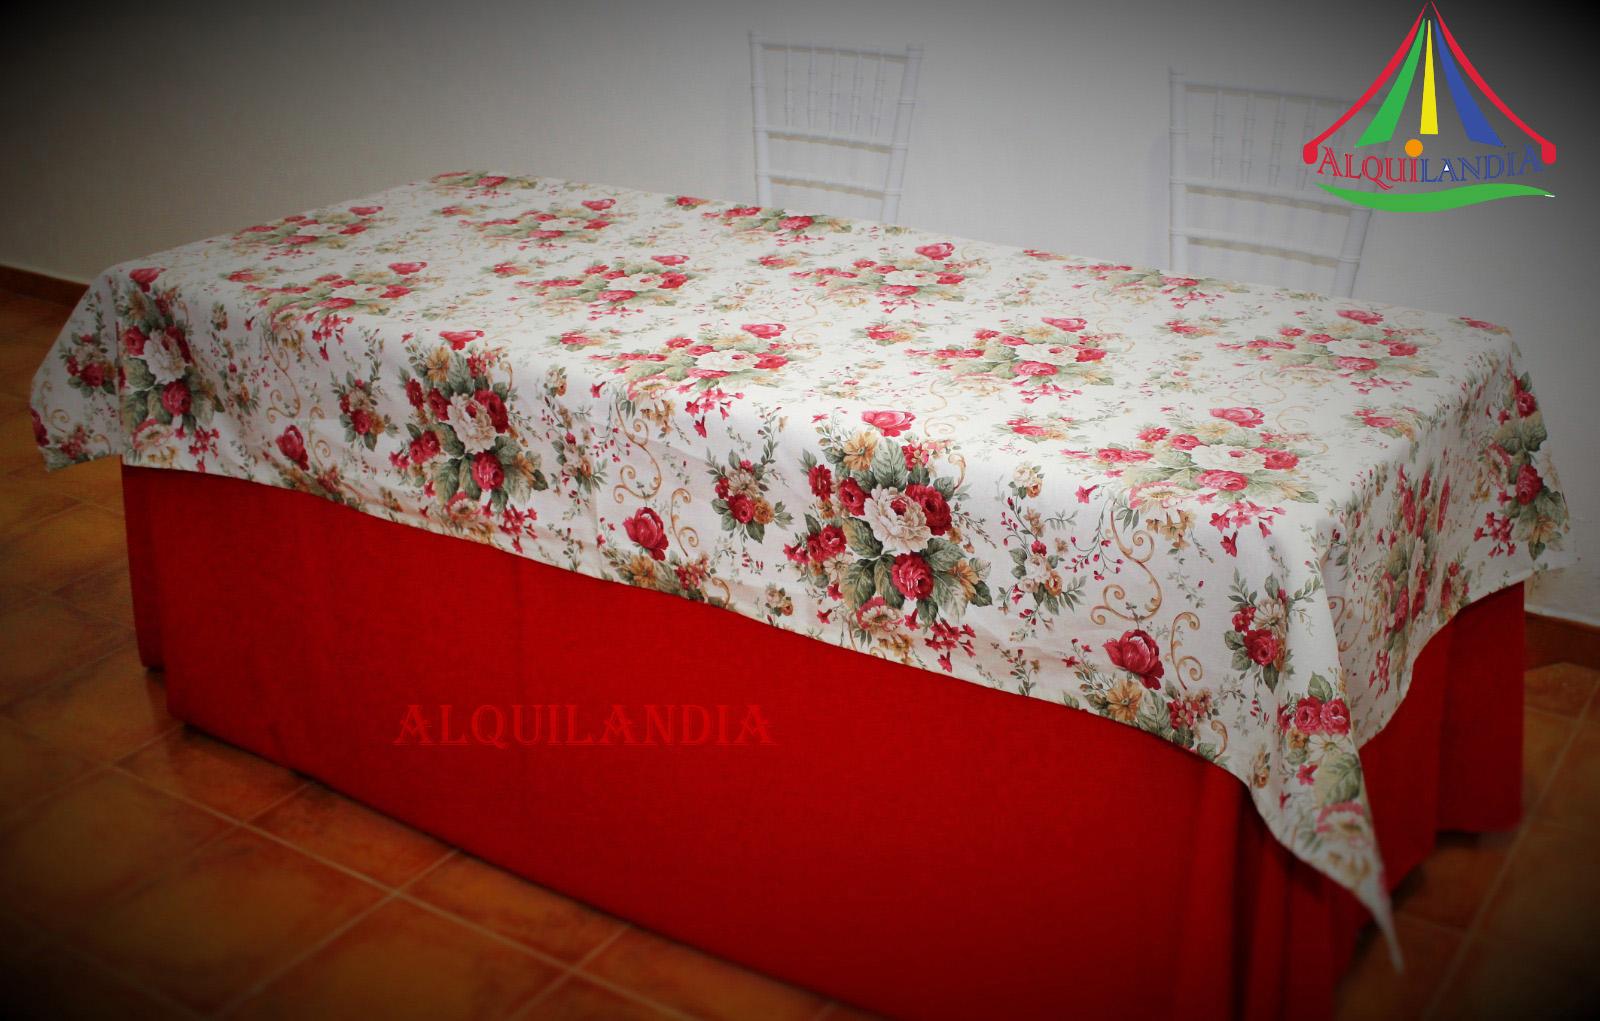 Mantel rojo y cubremantel flores Nuria